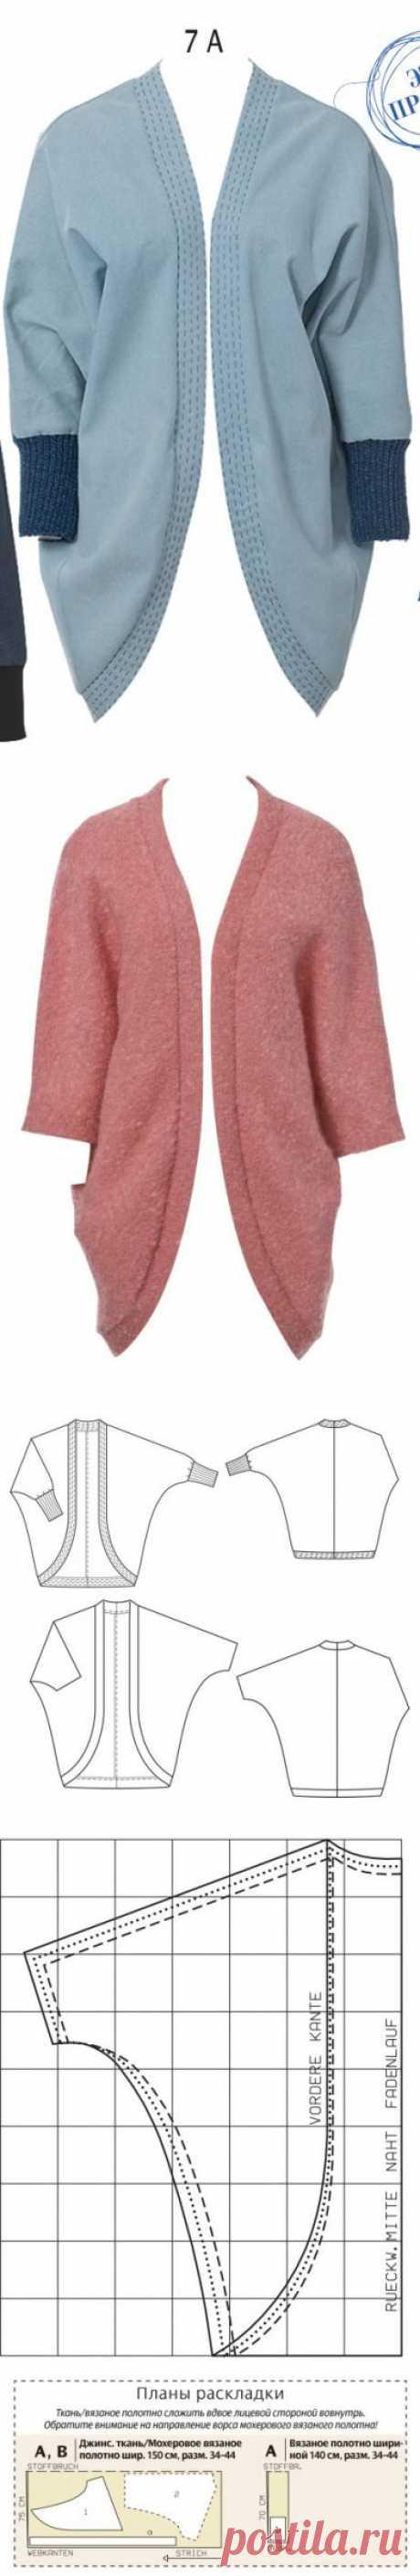 Бесплатная выкройка модного кардигана / BurdaStyle: мастер-классы